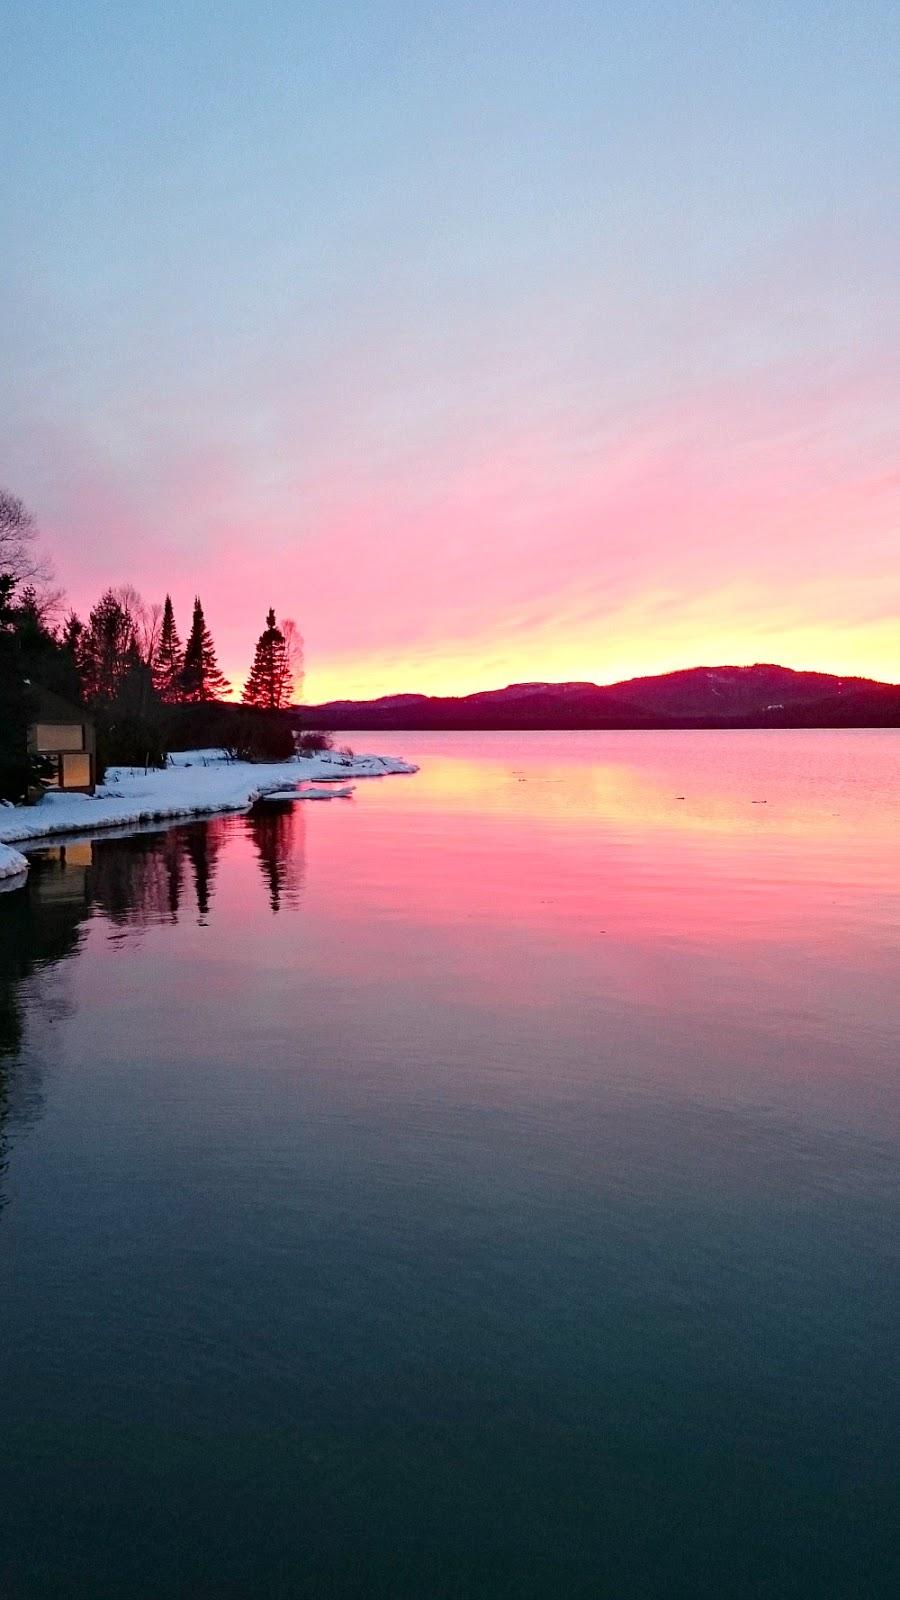 Life on Lake Superior